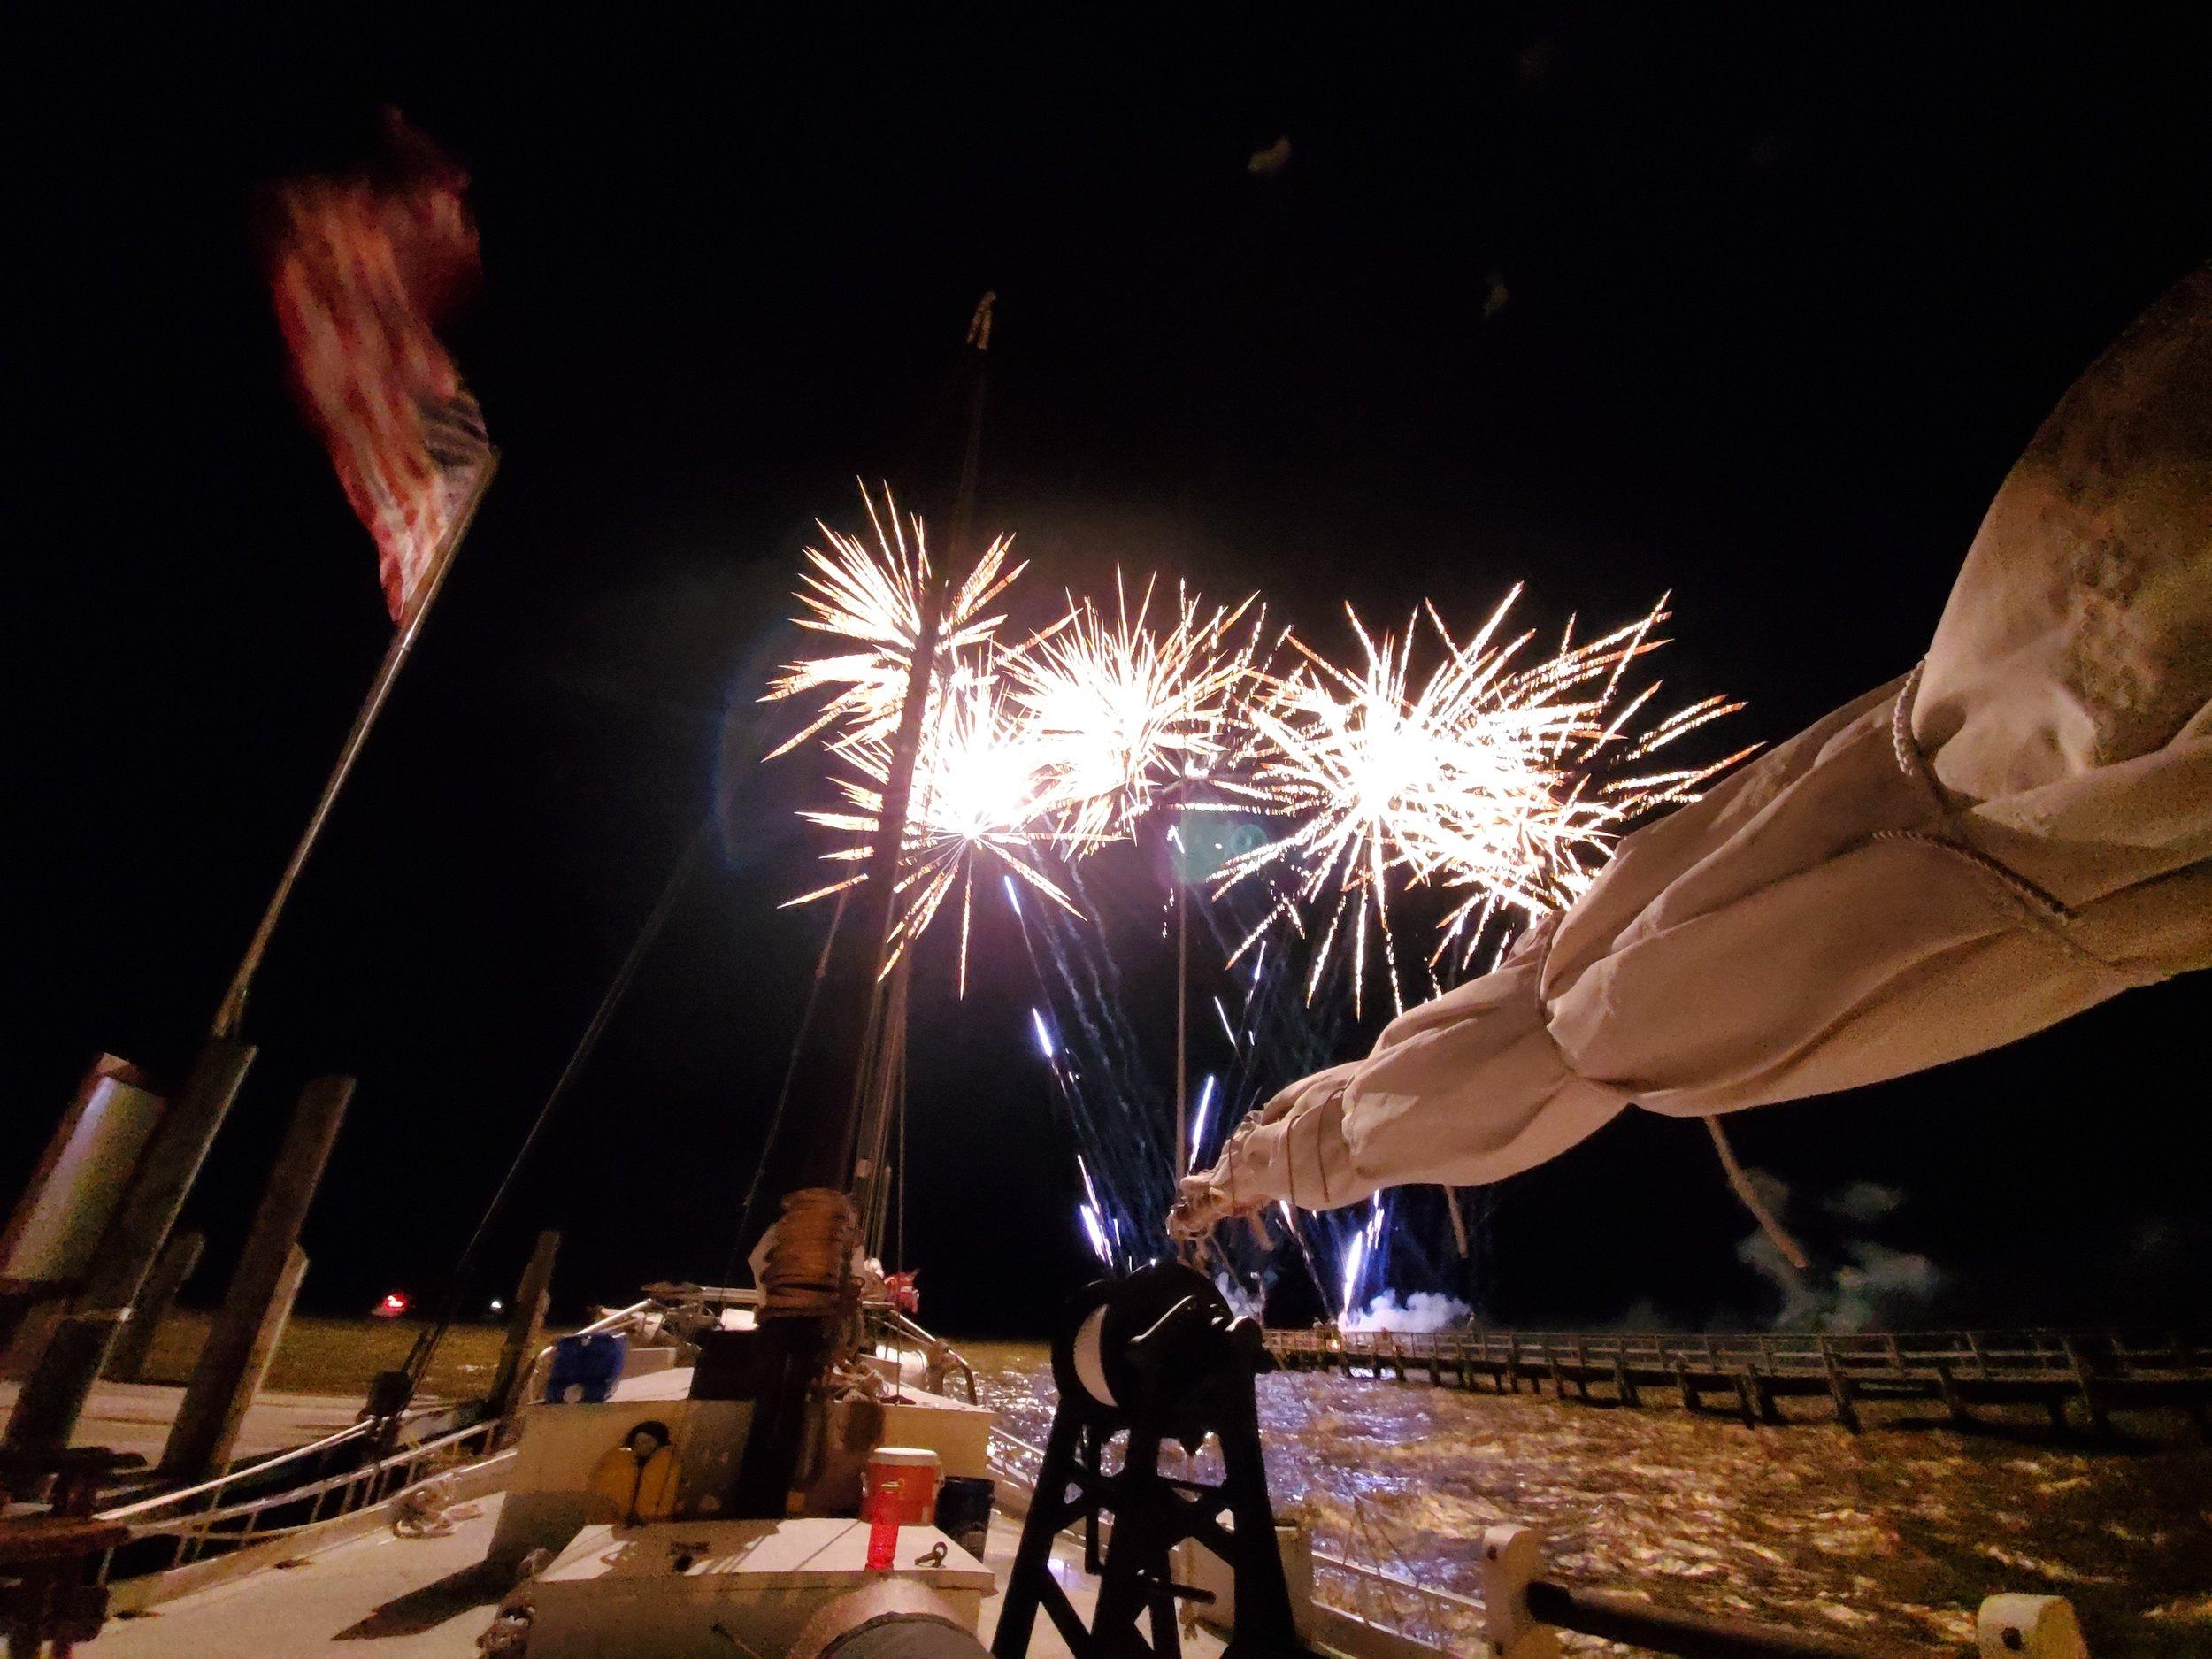 Fireworks over Edna